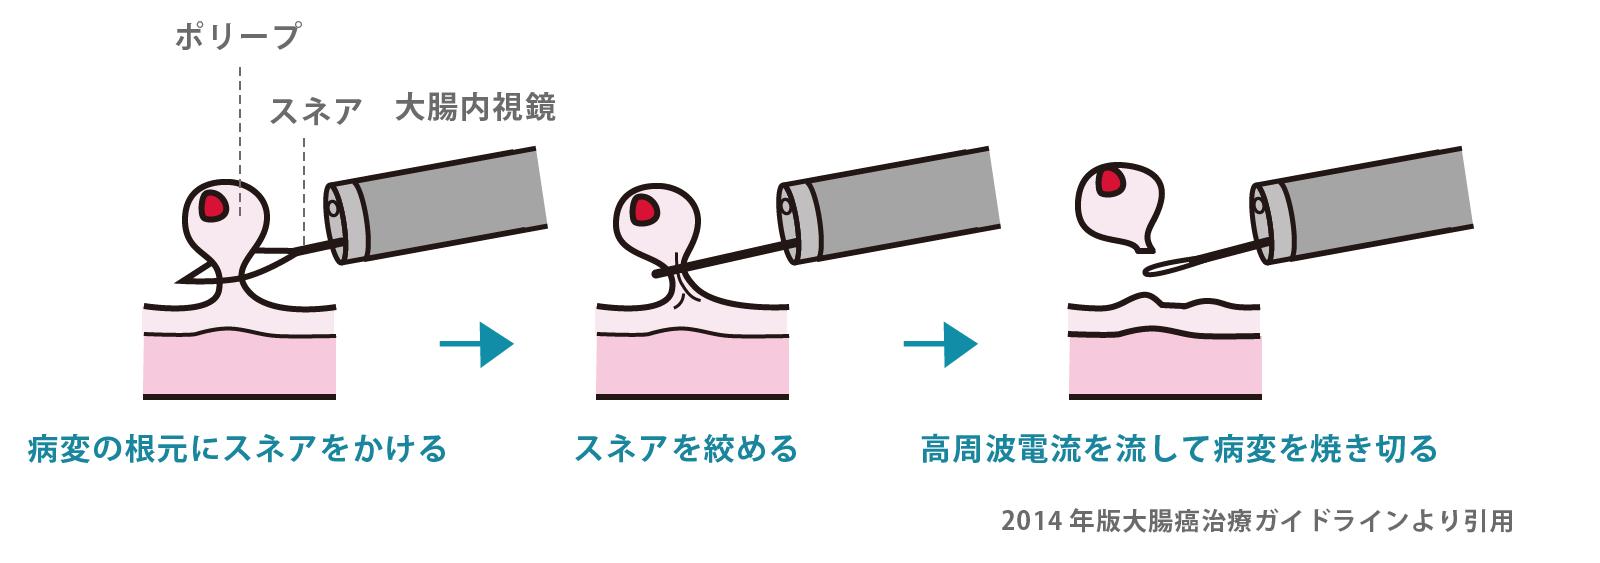 内視鏡的ポリープ切除術(ポリペクトミー)